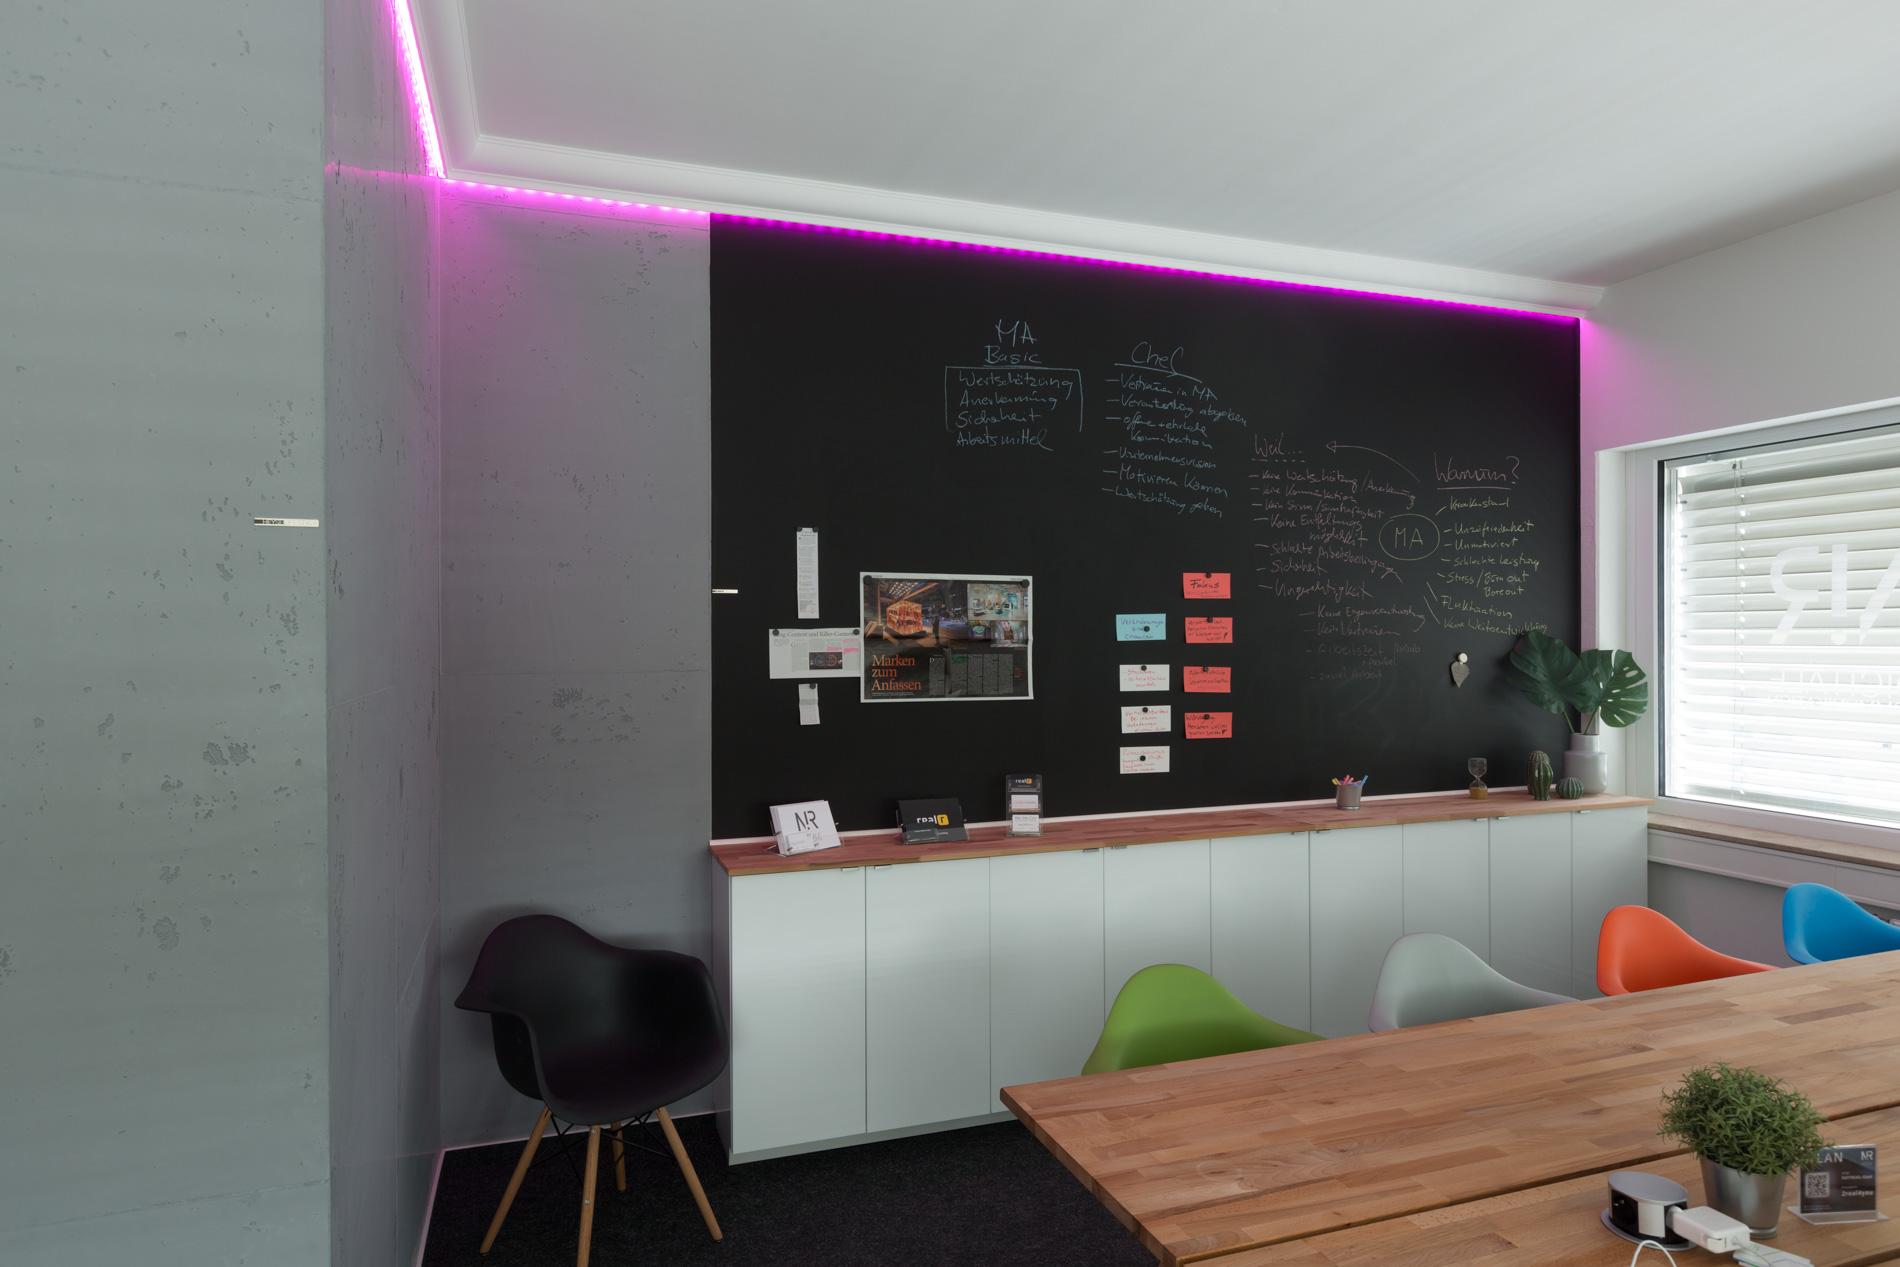 gestaltung eine b ros magnetwand tafellack betonlook led licht und stuckdecor. Black Bedroom Furniture Sets. Home Design Ideas